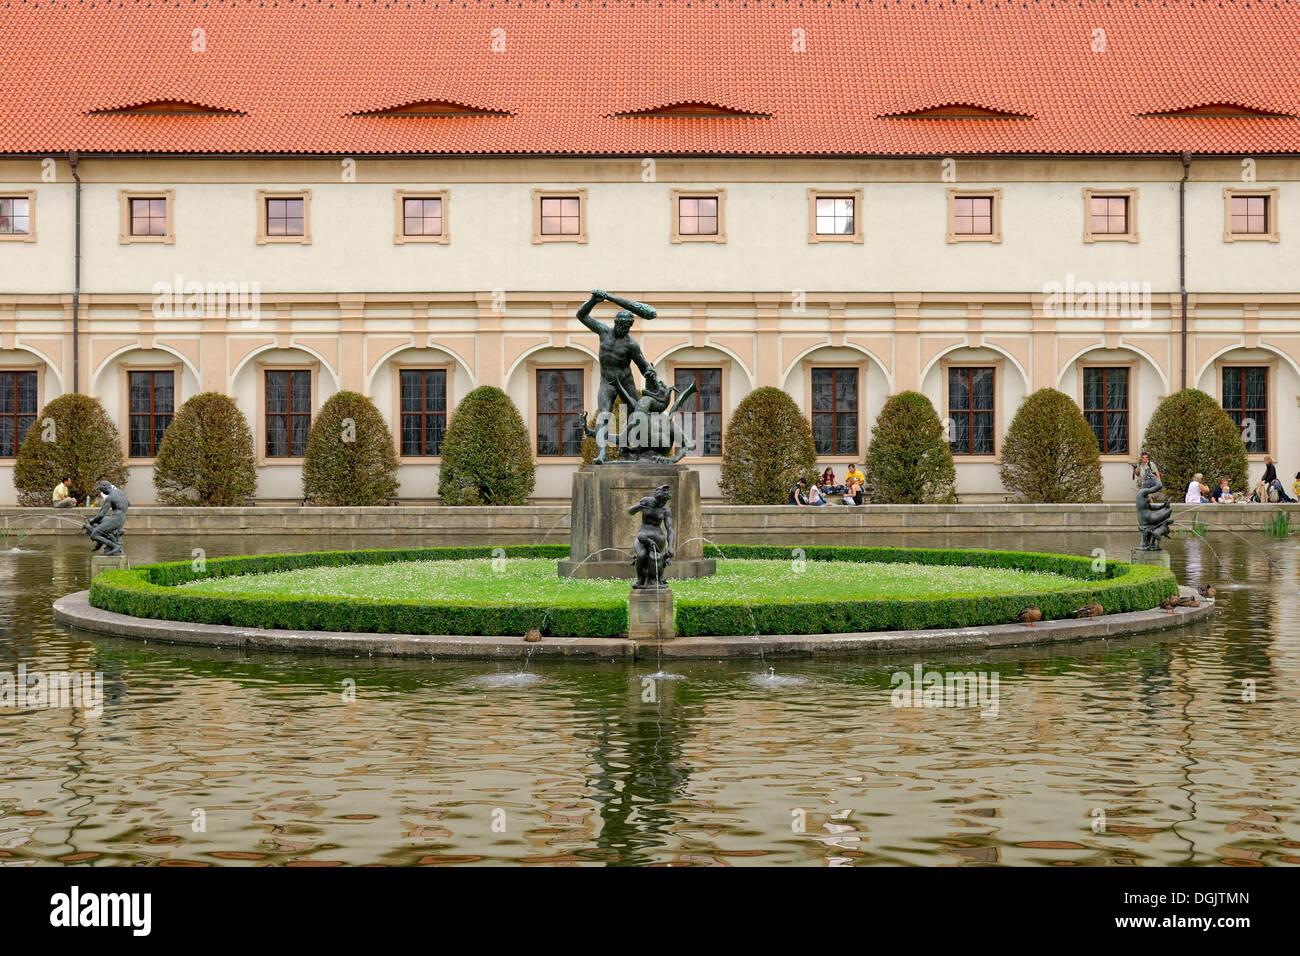 Prague gardens photos prague gardens images alamy for Le jardin wallenstein